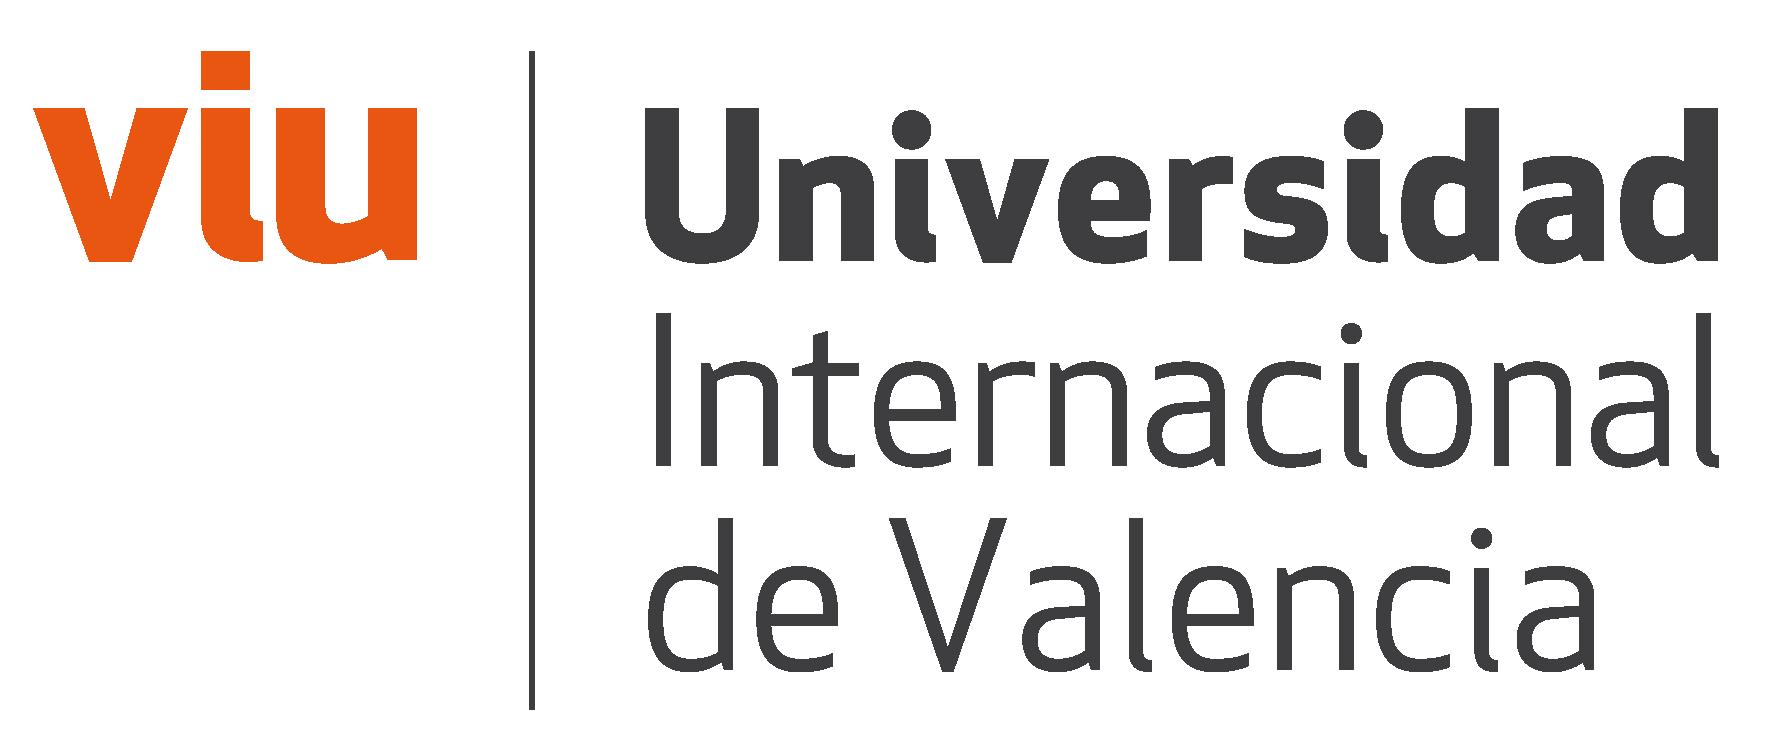 Universidad Internacional de Valencia - VIU